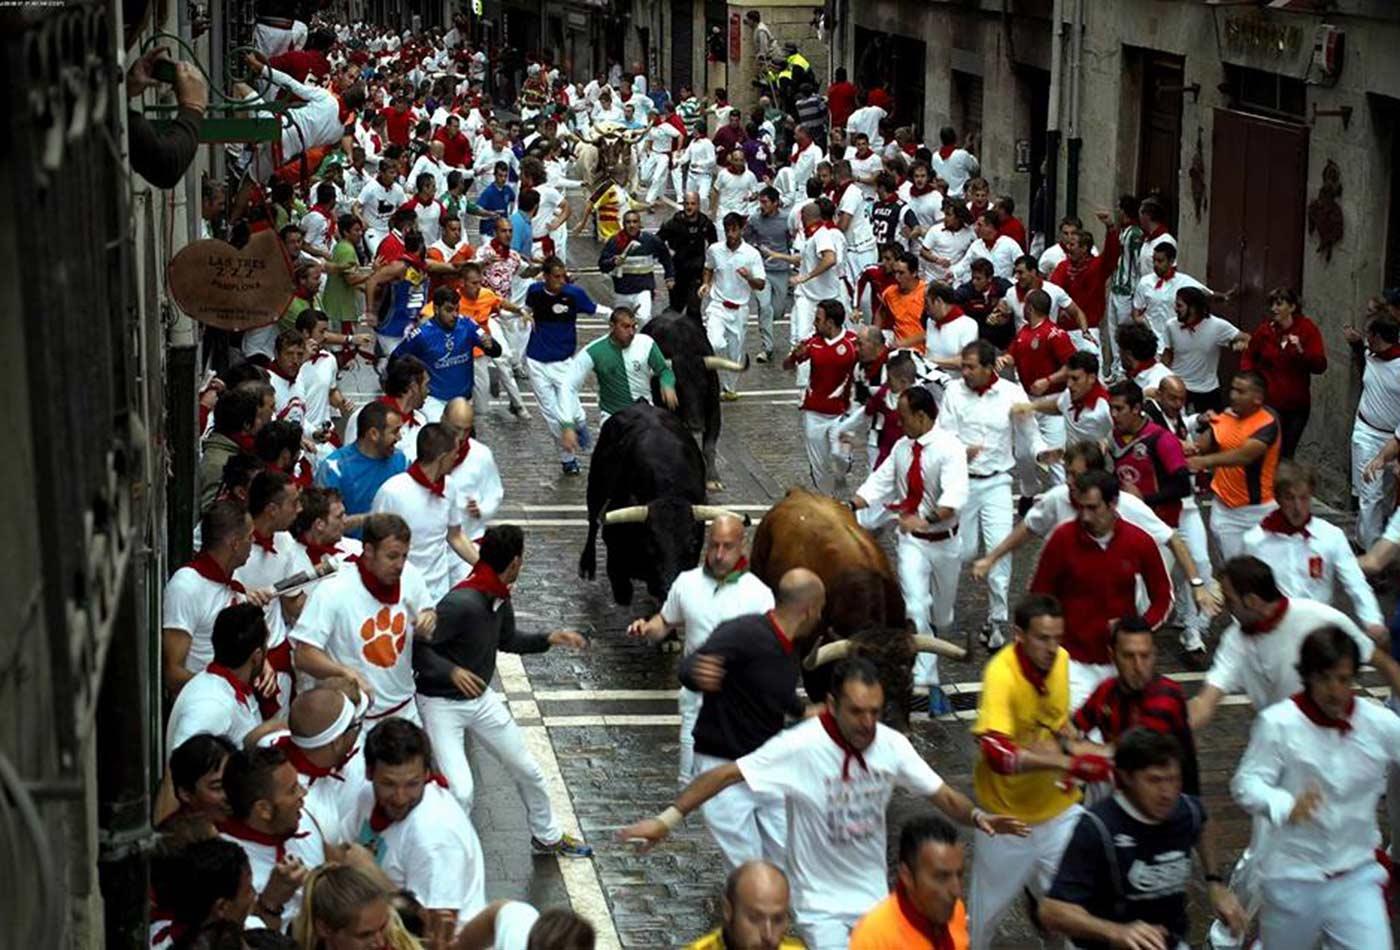 Pamplona bull run.